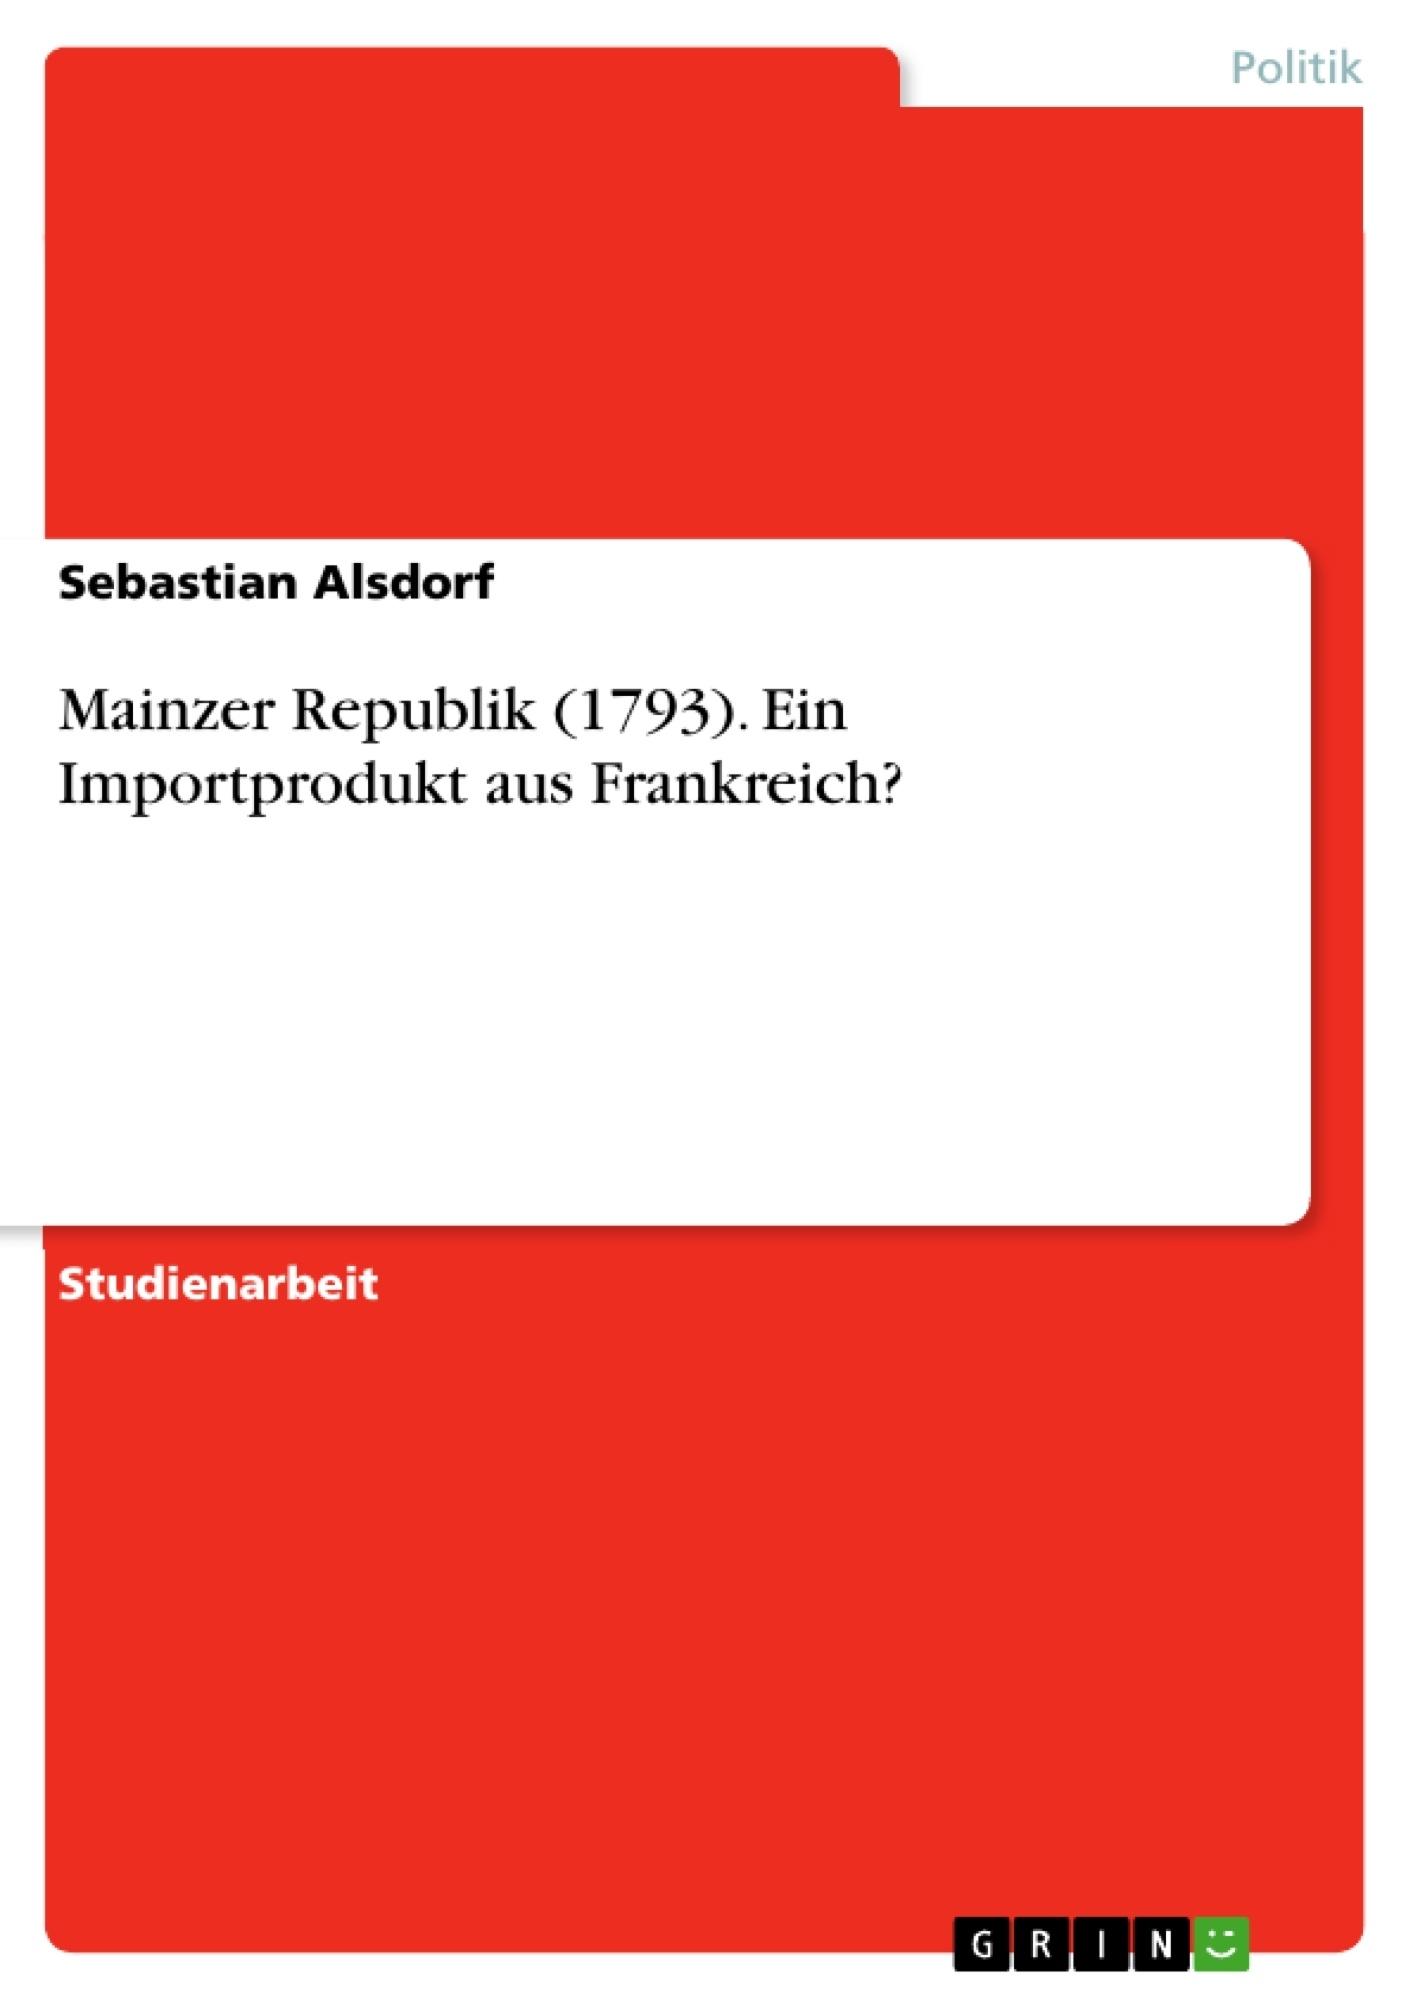 Titel: Mainzer Republik (1793). Ein Importprodukt aus Frankreich?